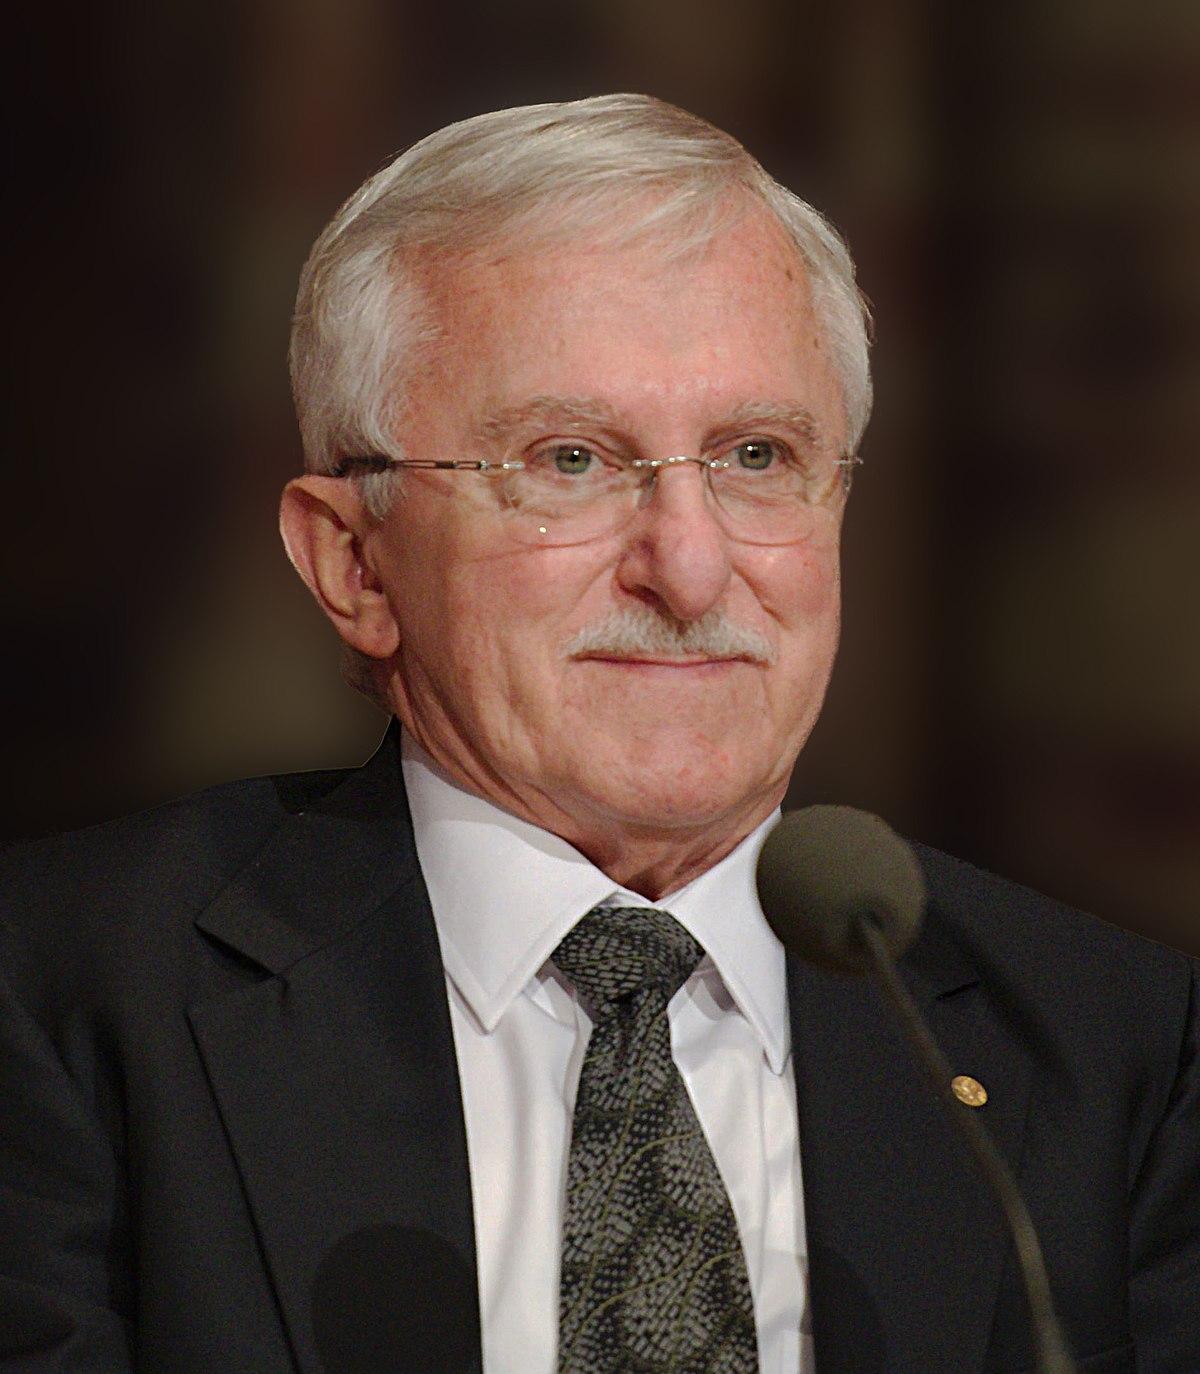 Paul L. Modrich - Wikipedia